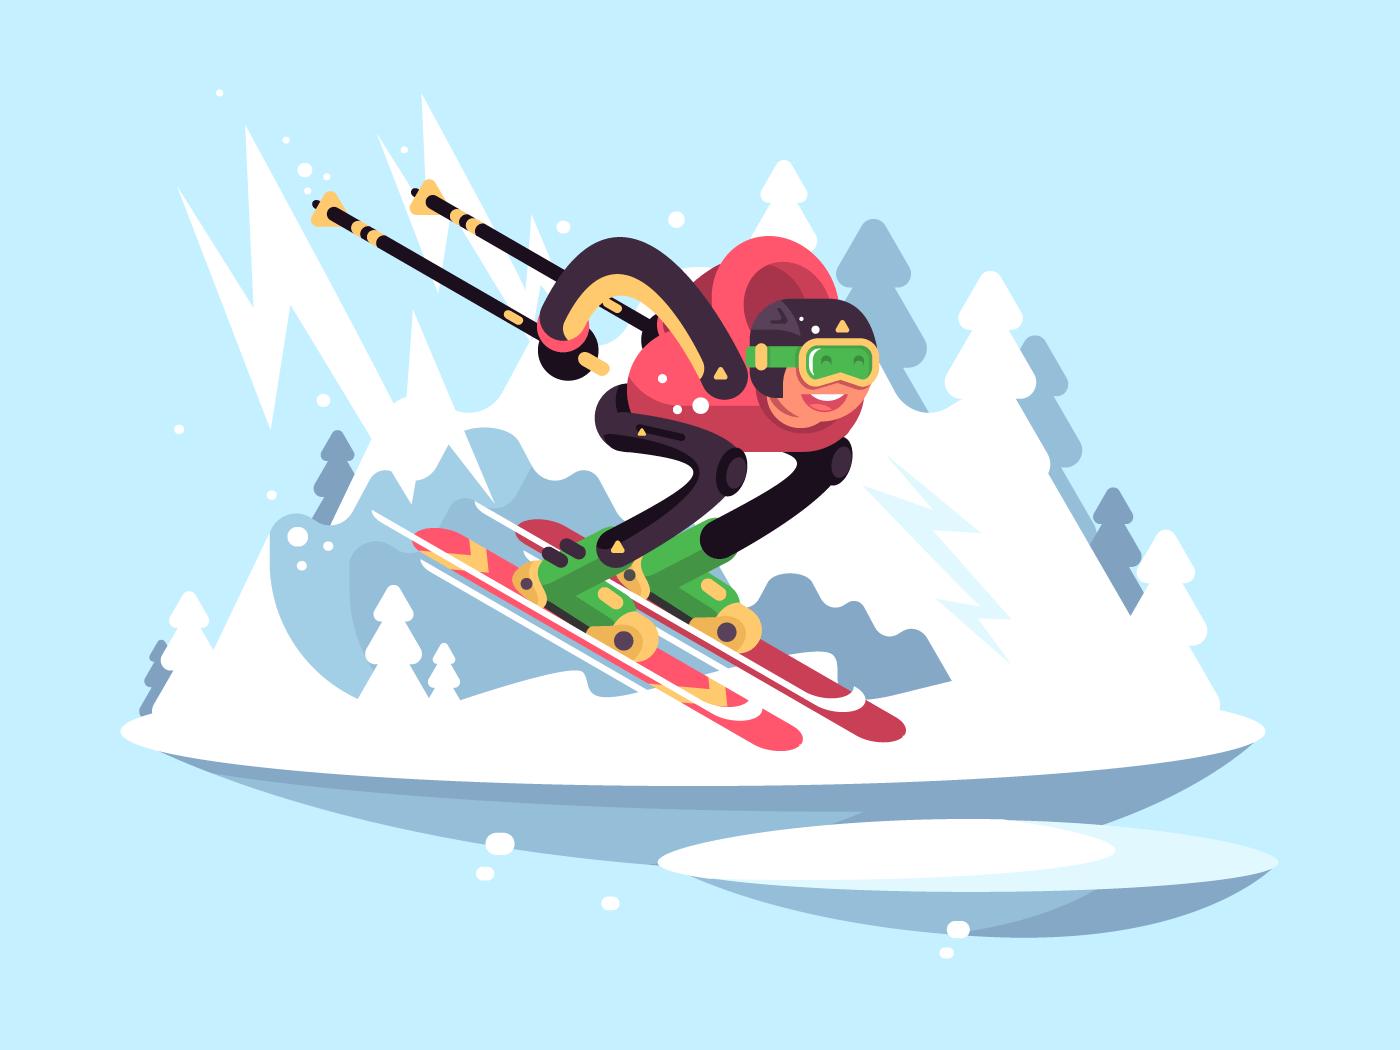 Man skiing in winter flat vector illustration